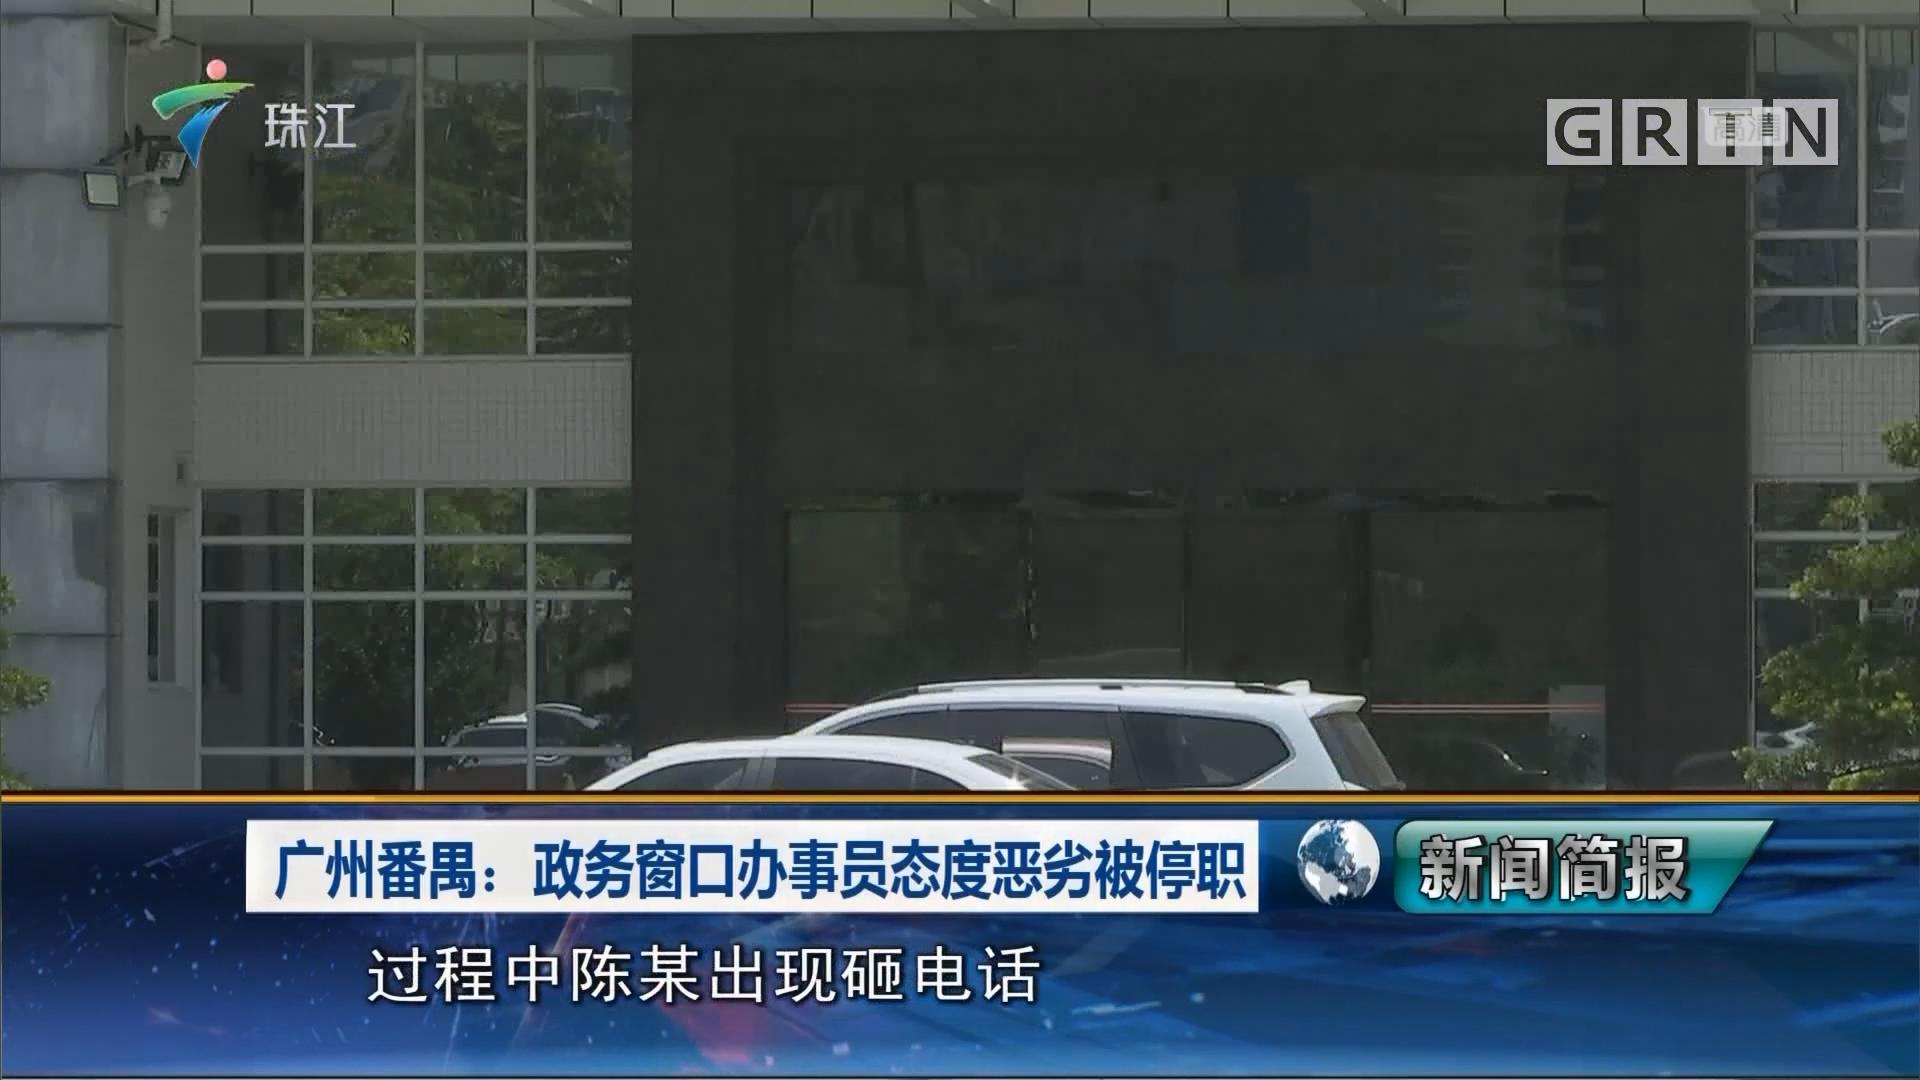 广州番禺:政务窗口办事员态度恶劣被停职